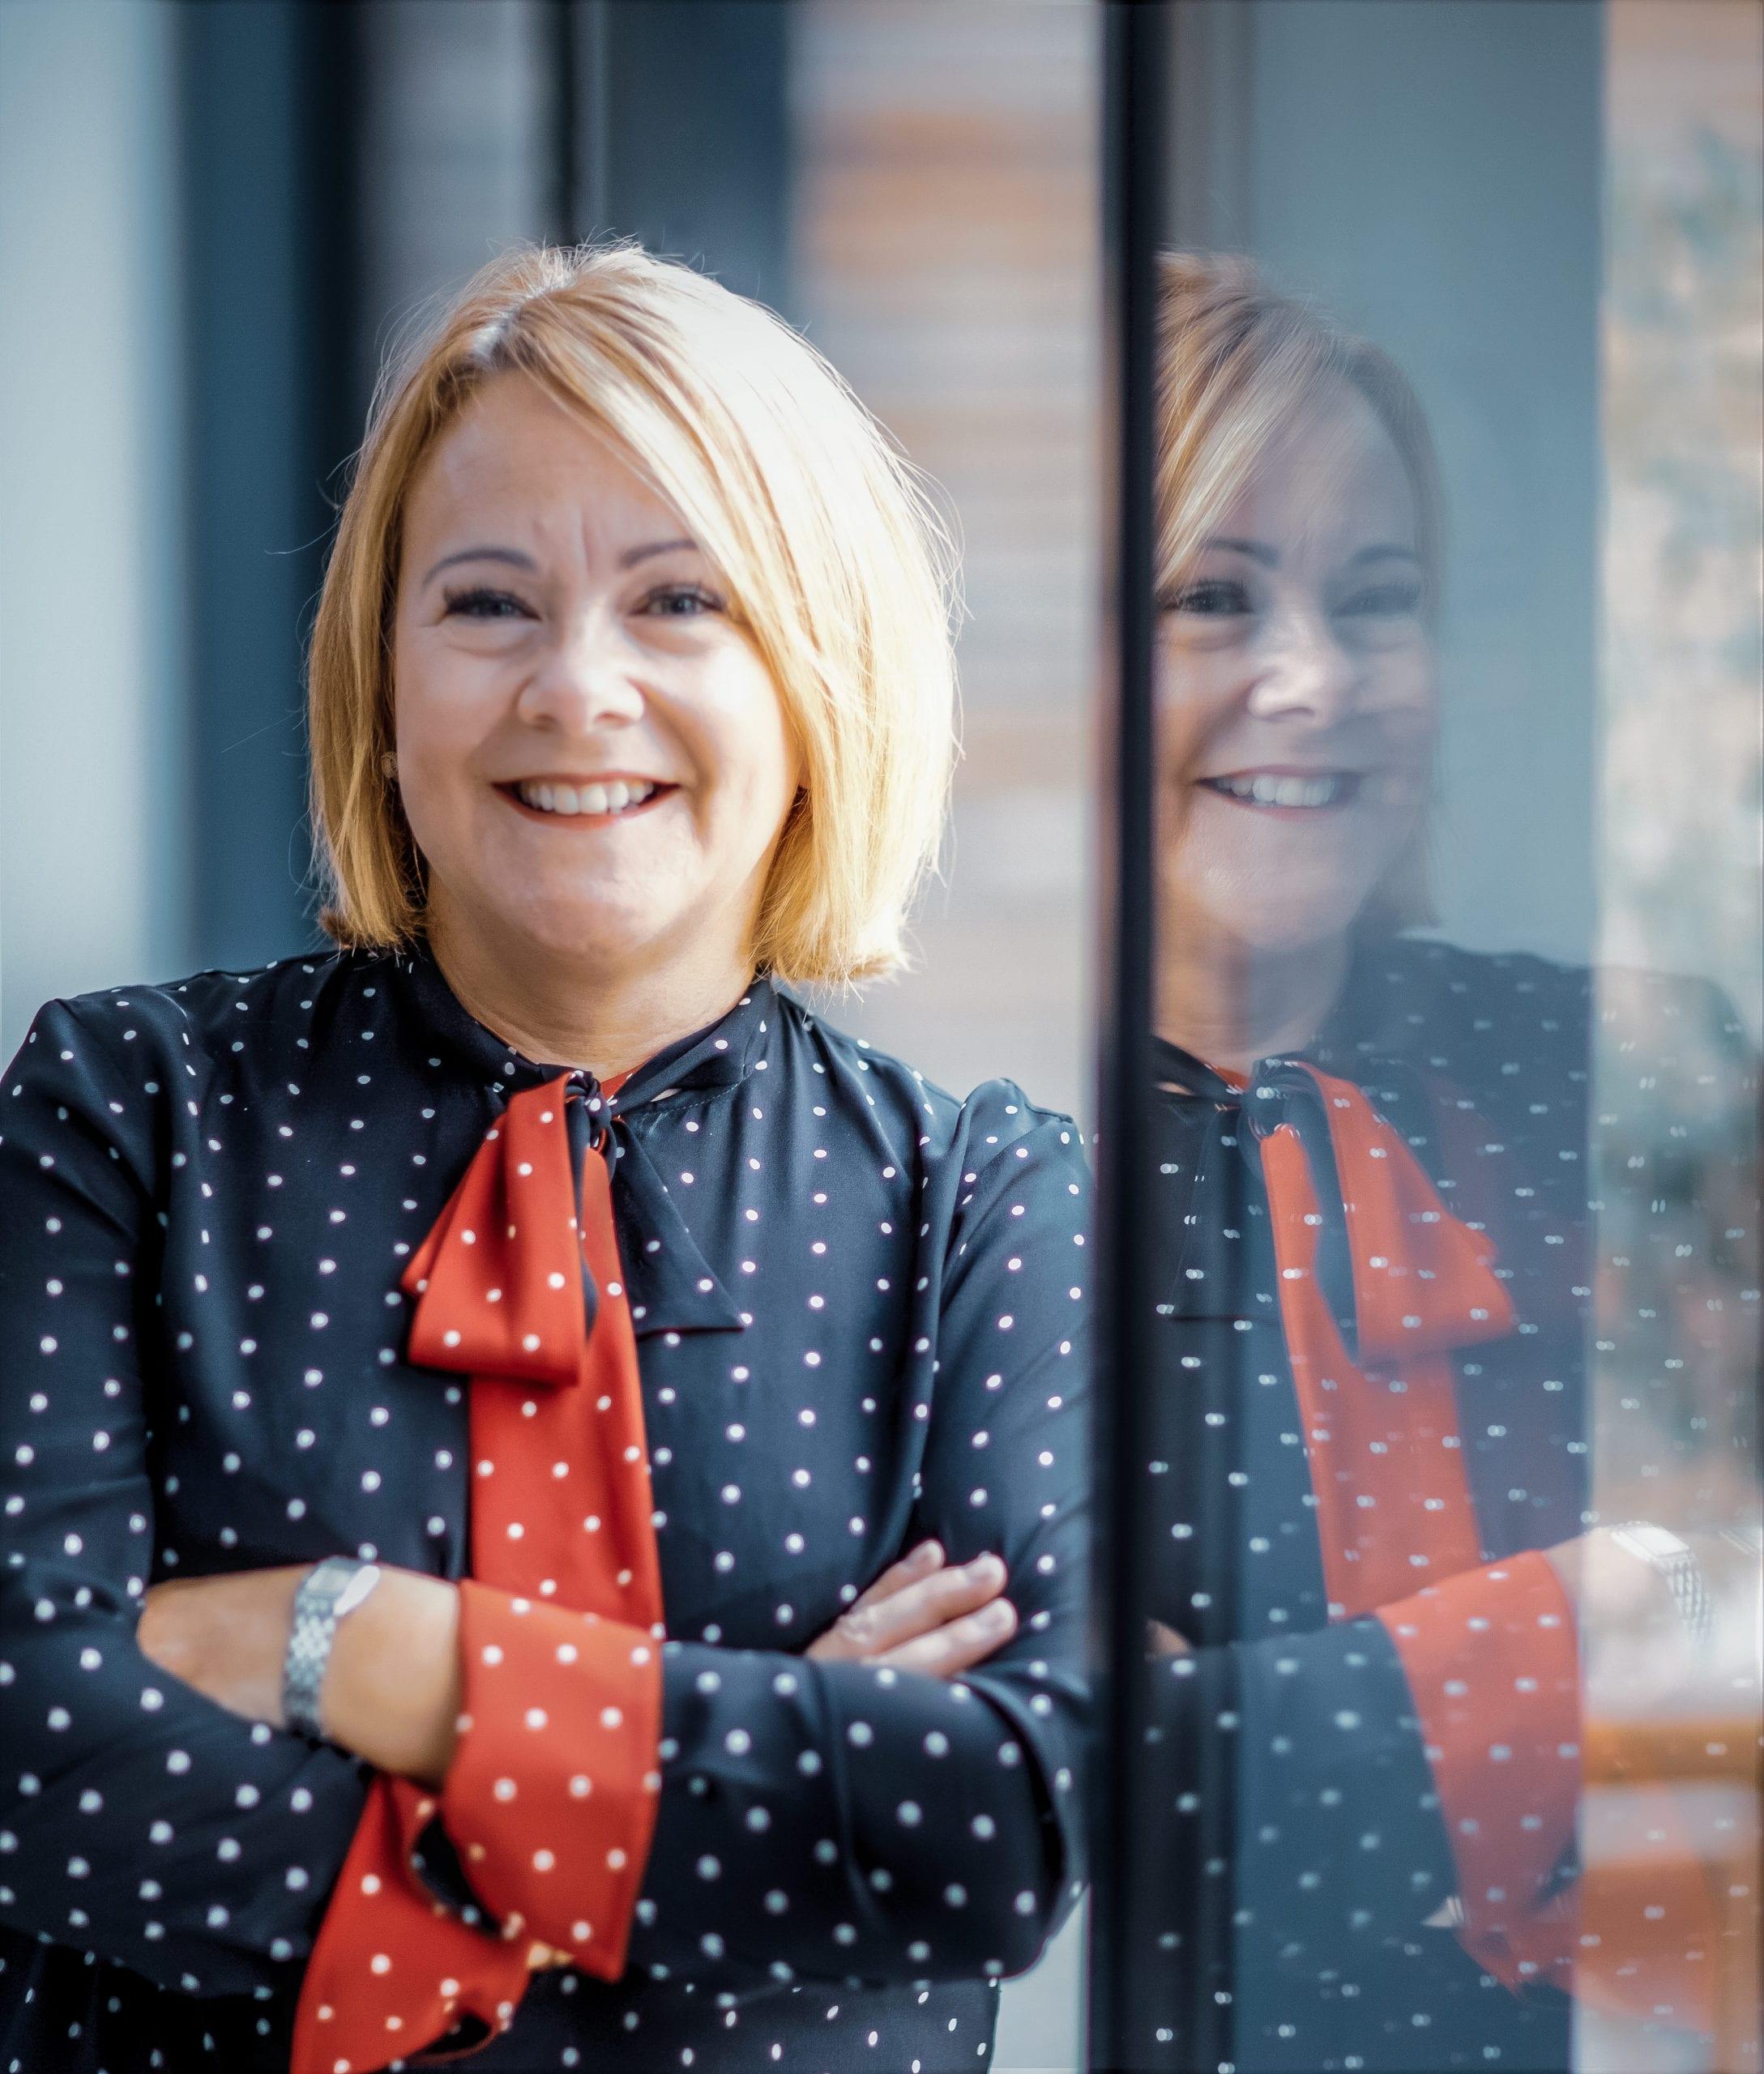 Catherine Schlieben smiles